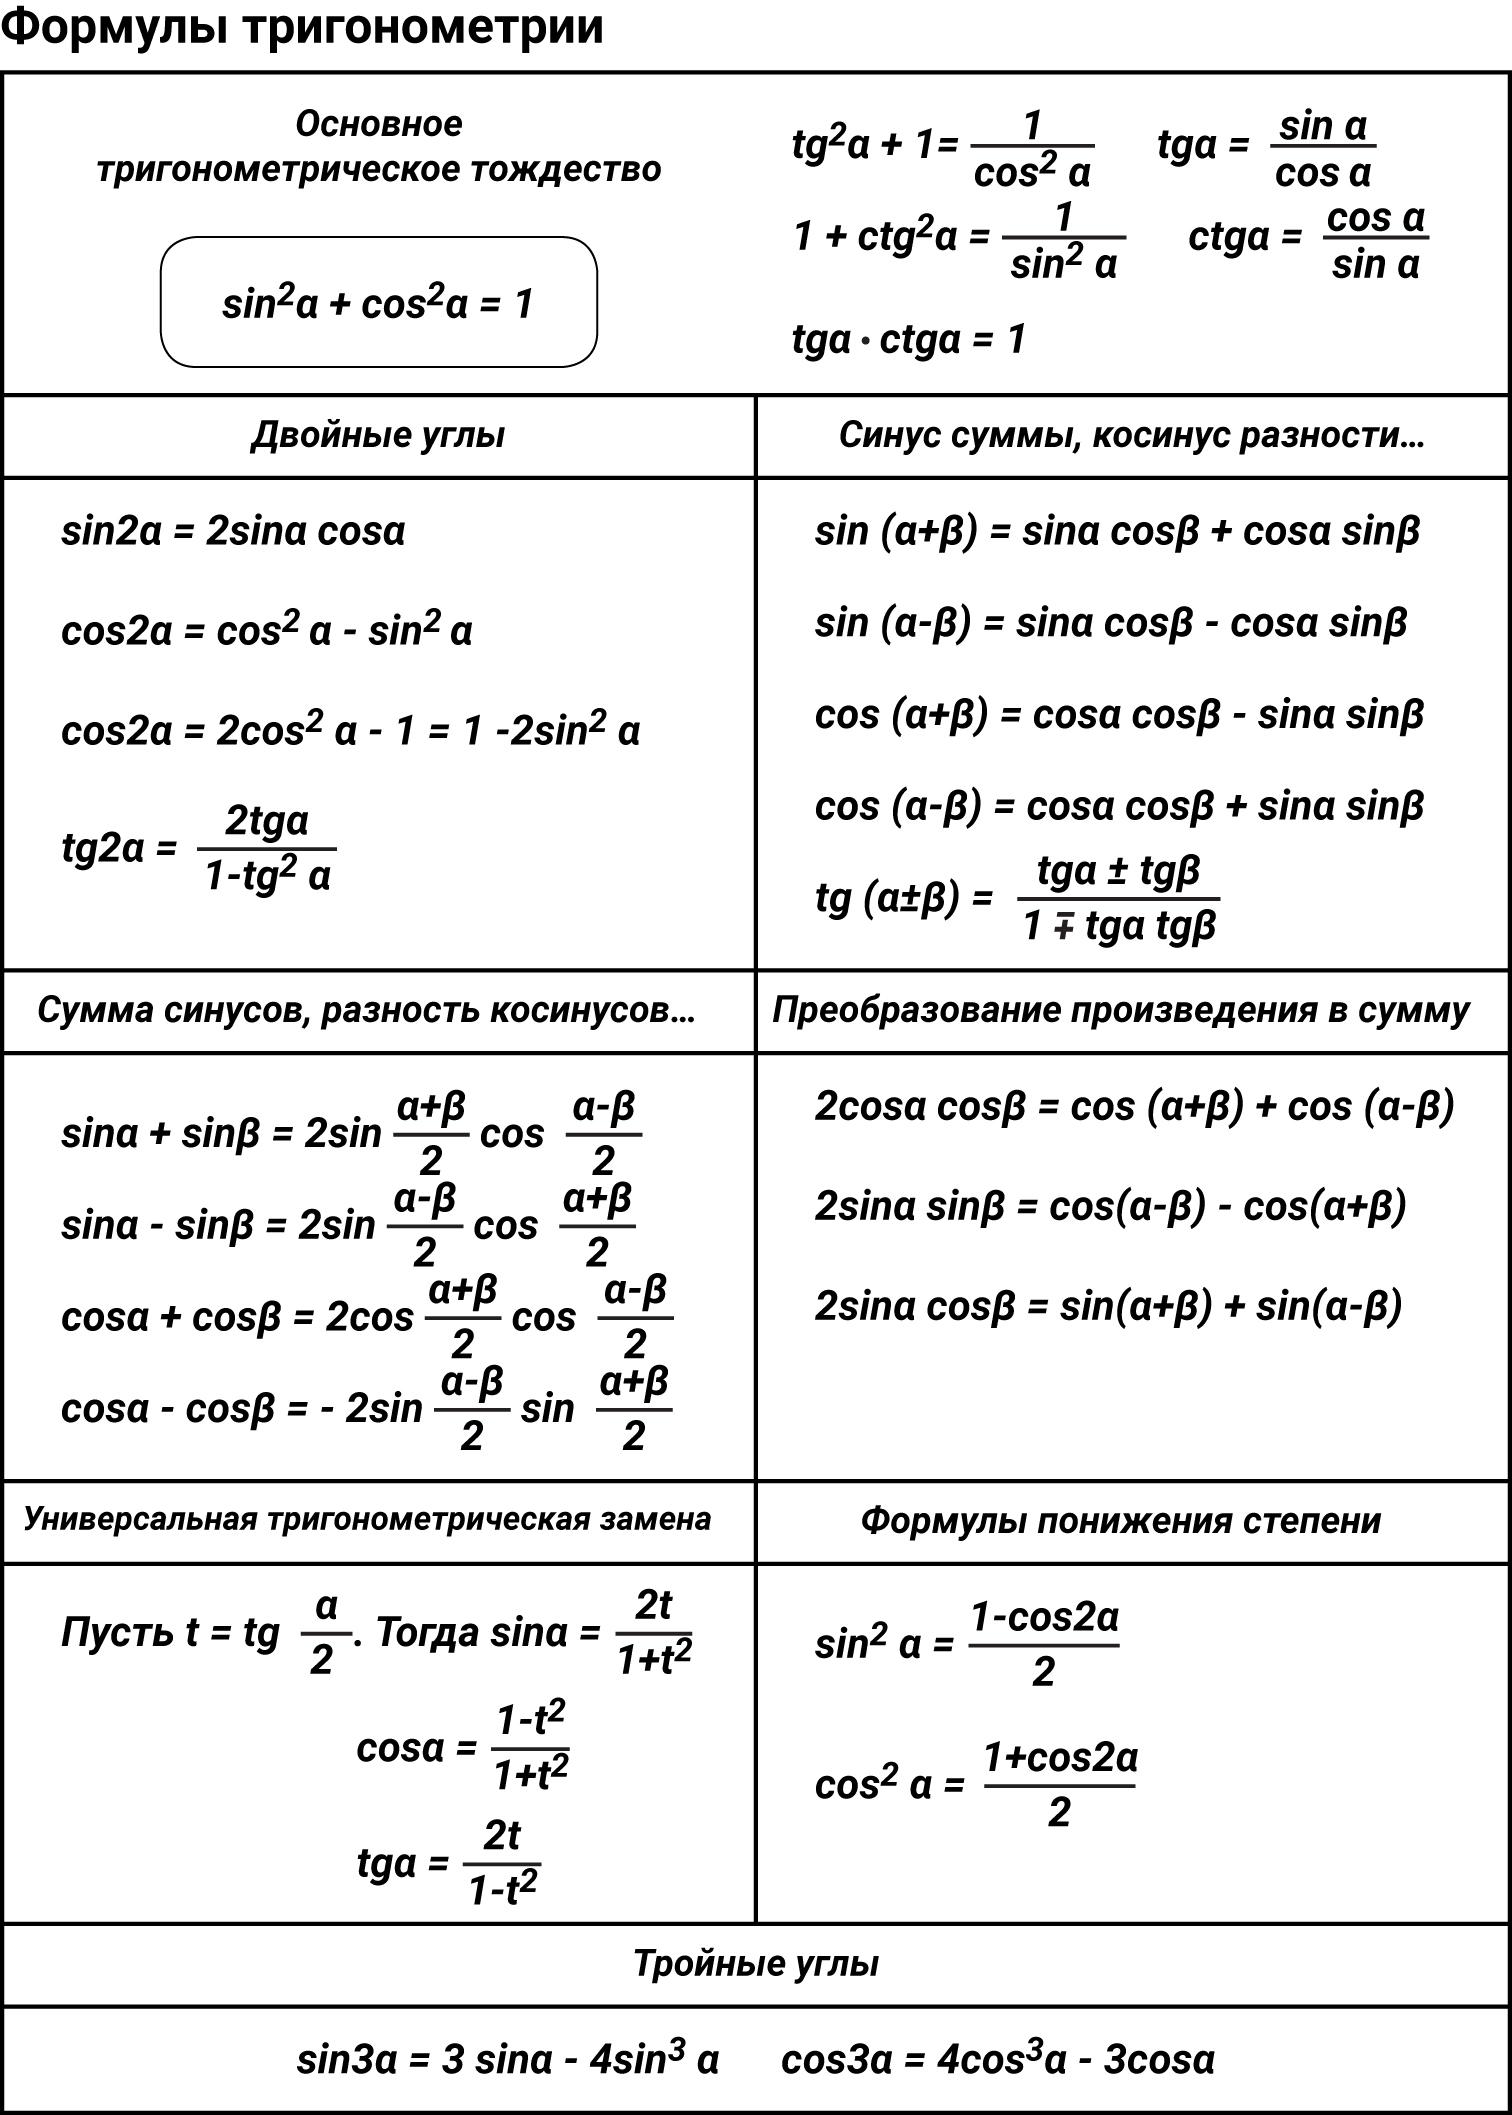 Химия все формулы для решения задач таблица решение задач по теории вероятности калькулятор